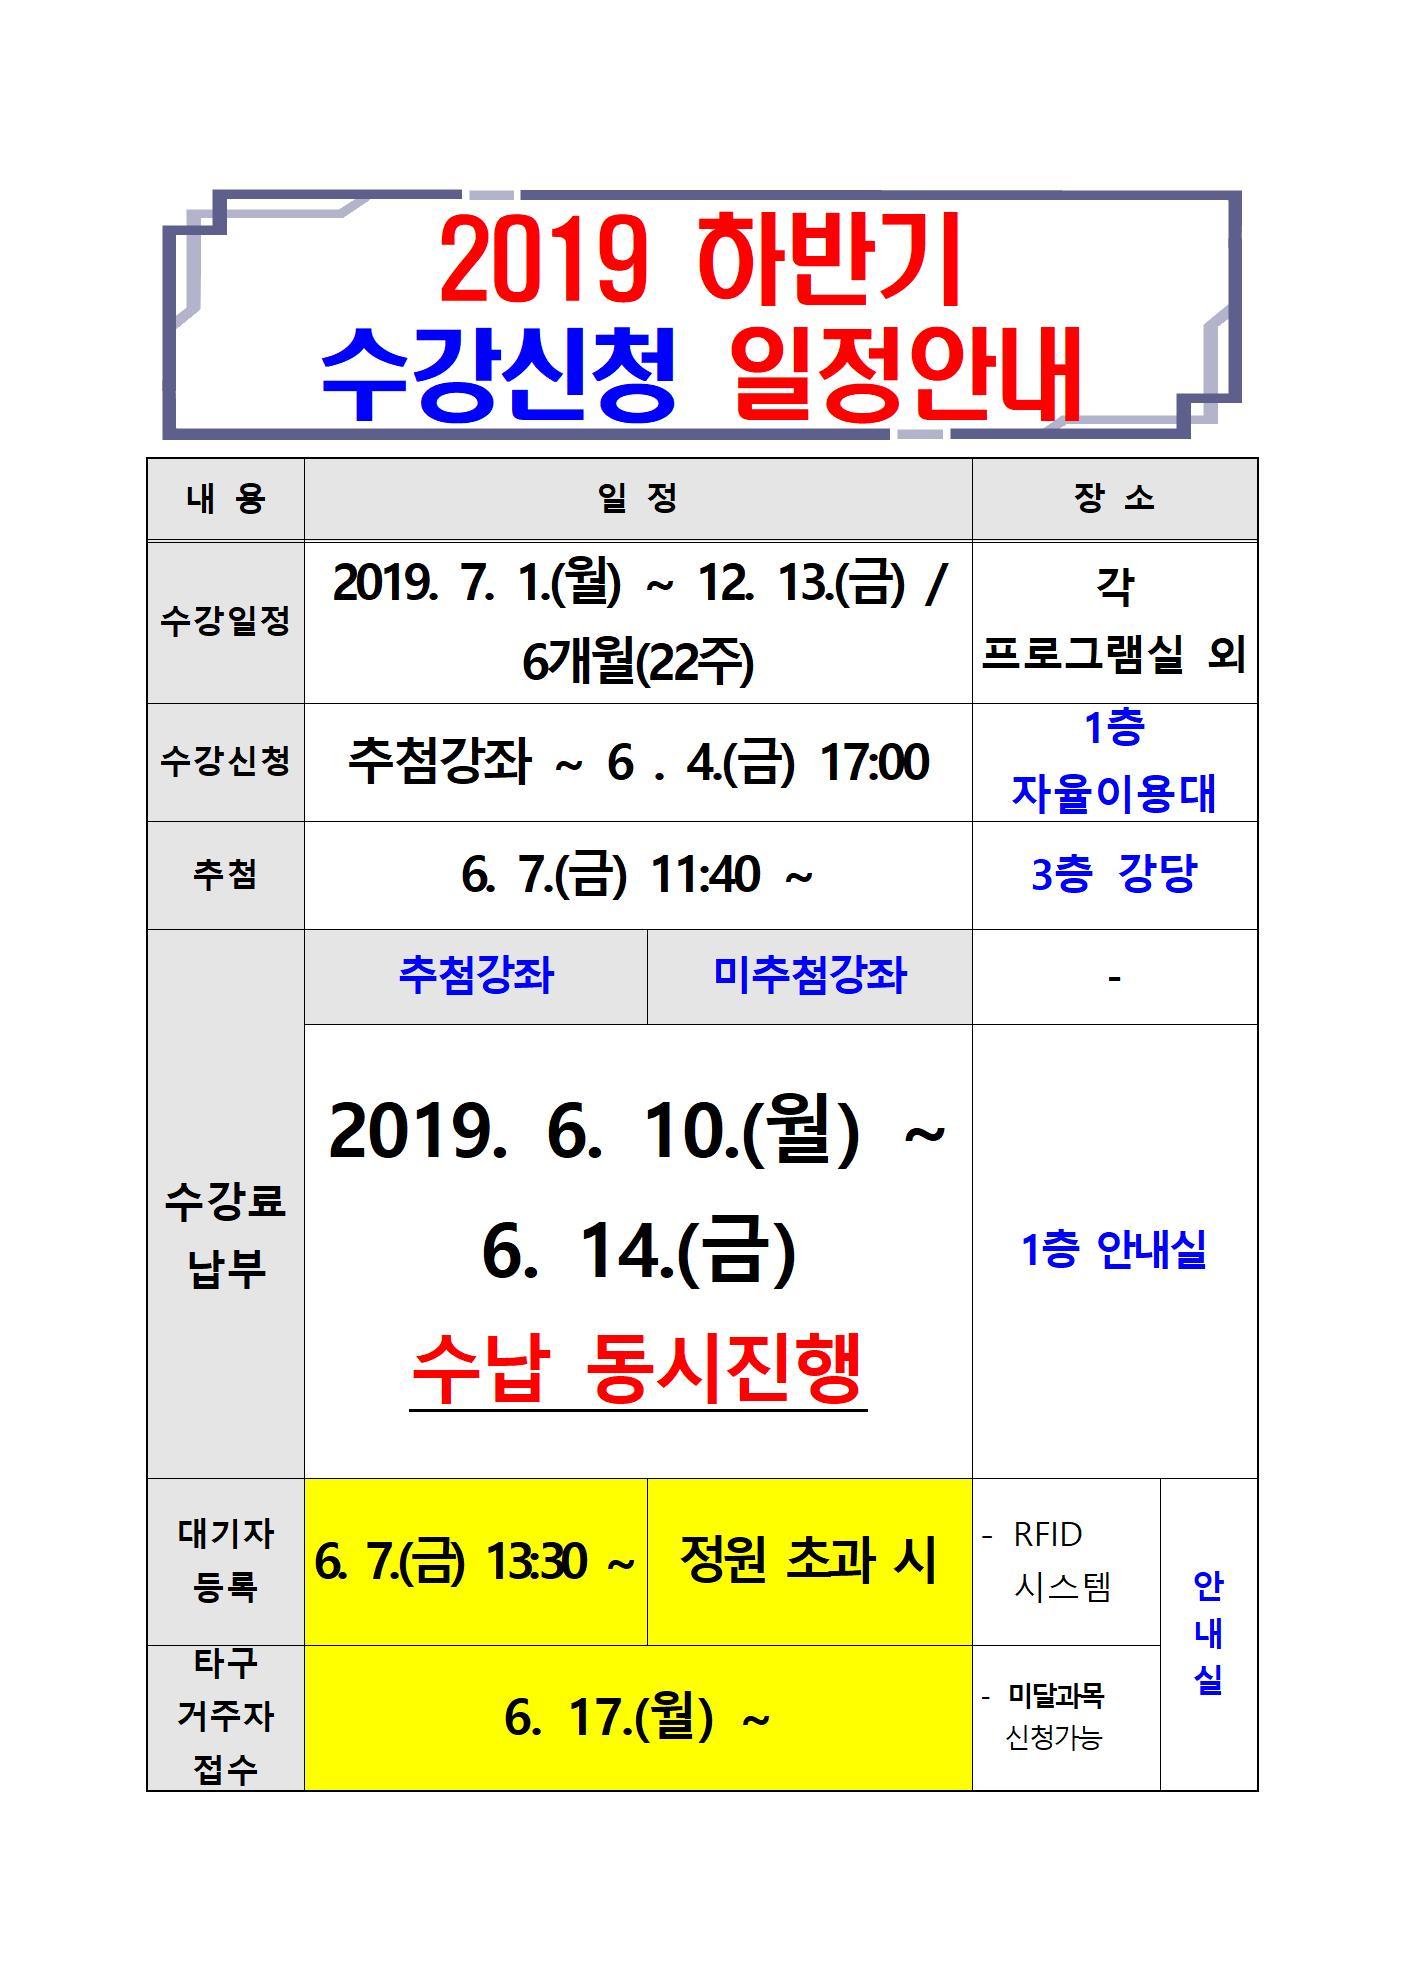 2019년 하반기 수강신청 일정001.jpg